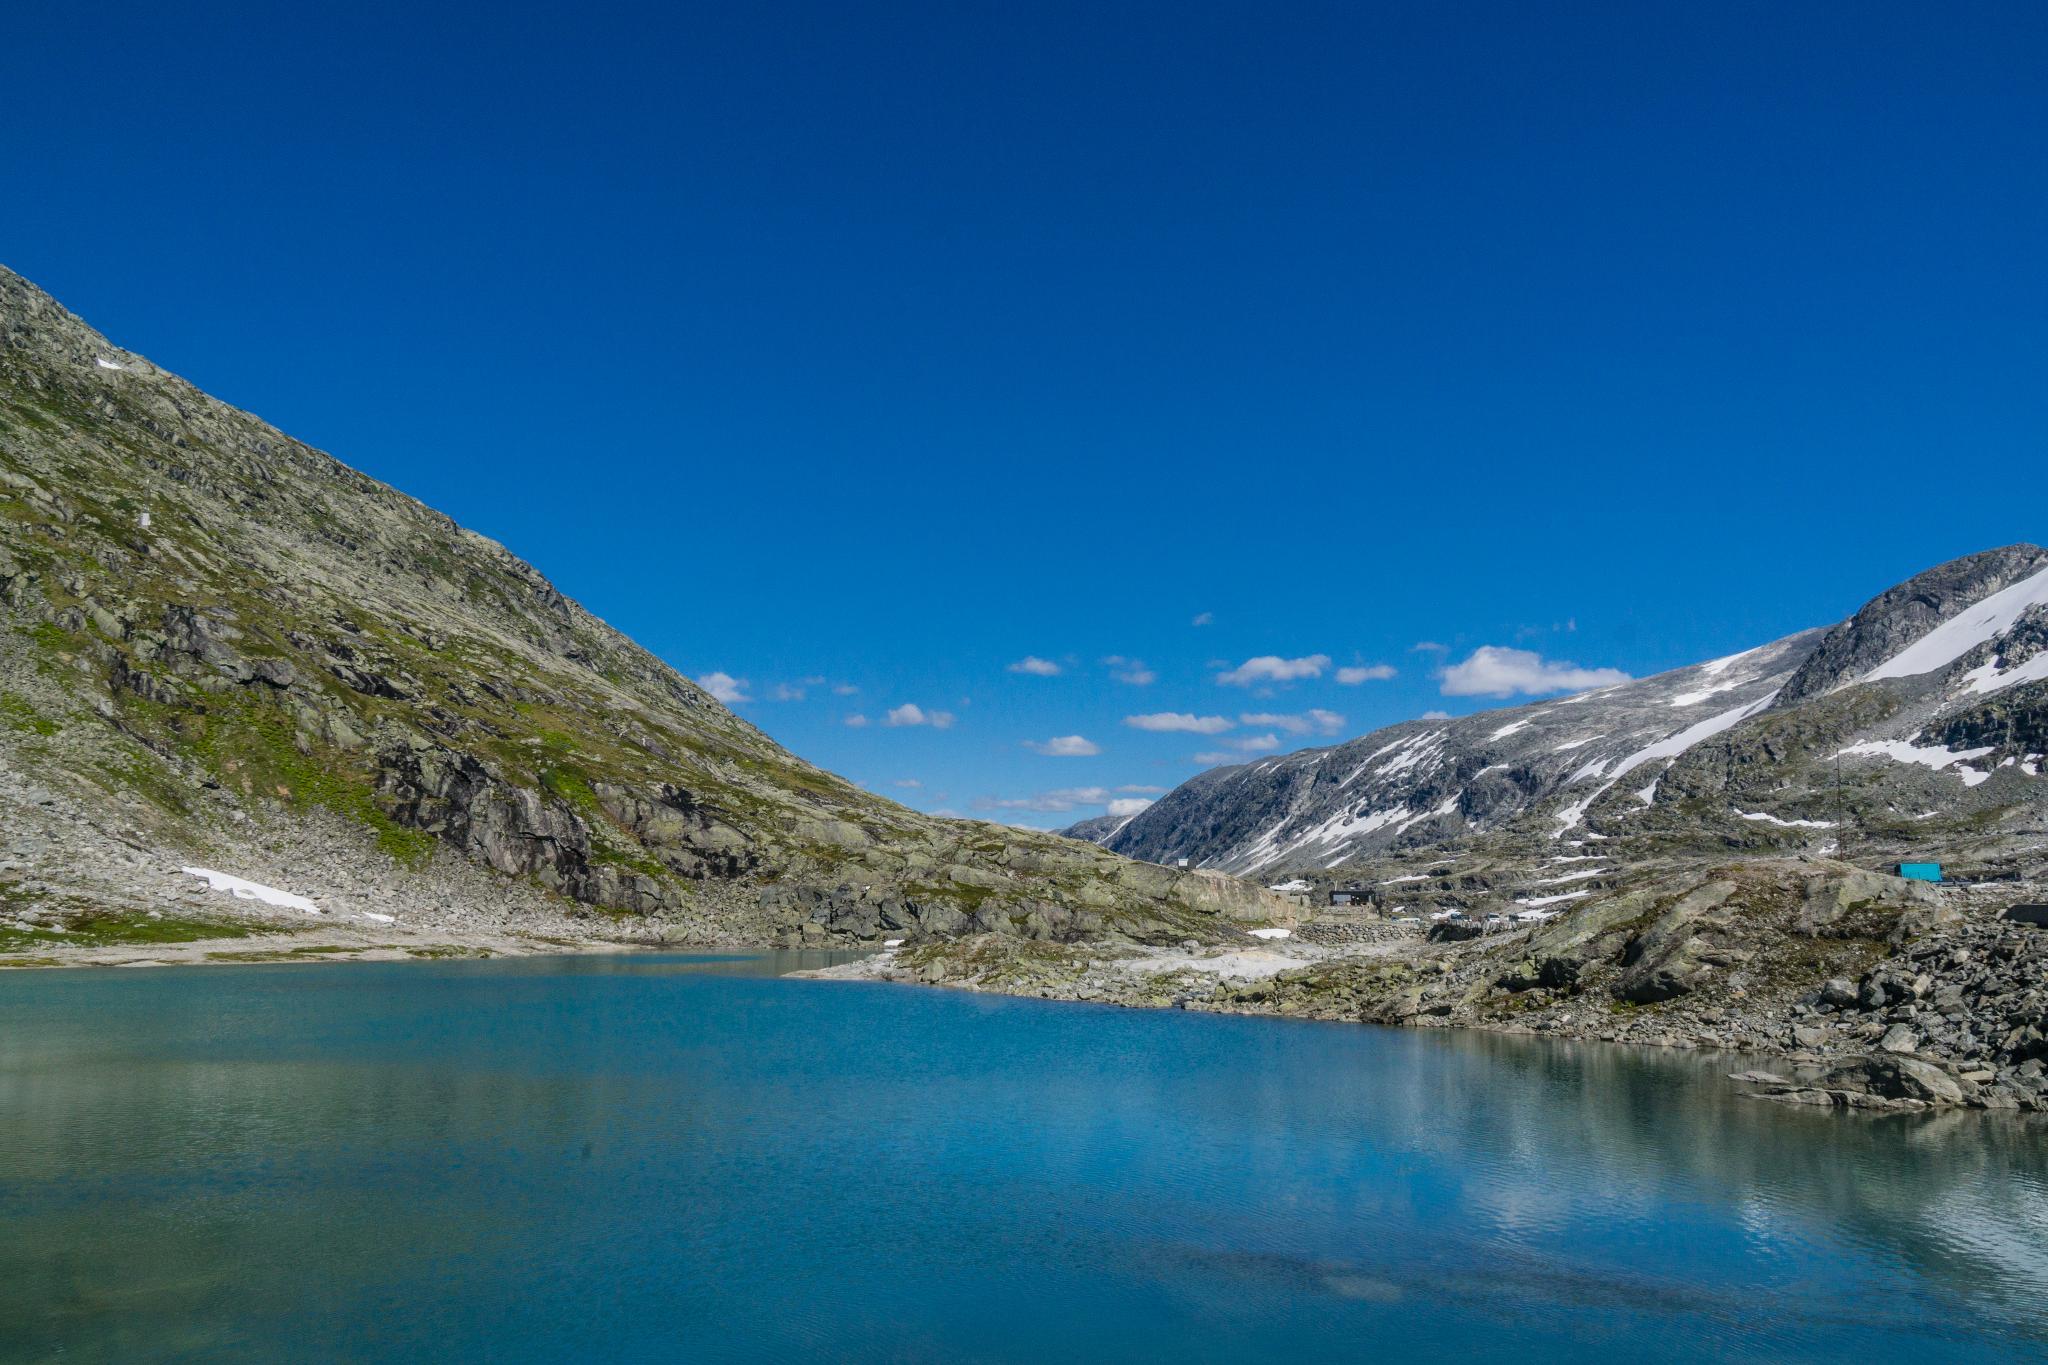 【北歐景點】朝聖歐洲大陸最大的冰河 - 挪威約詩達特冰河國家公園 (Jostedalsbreen National Park) 13